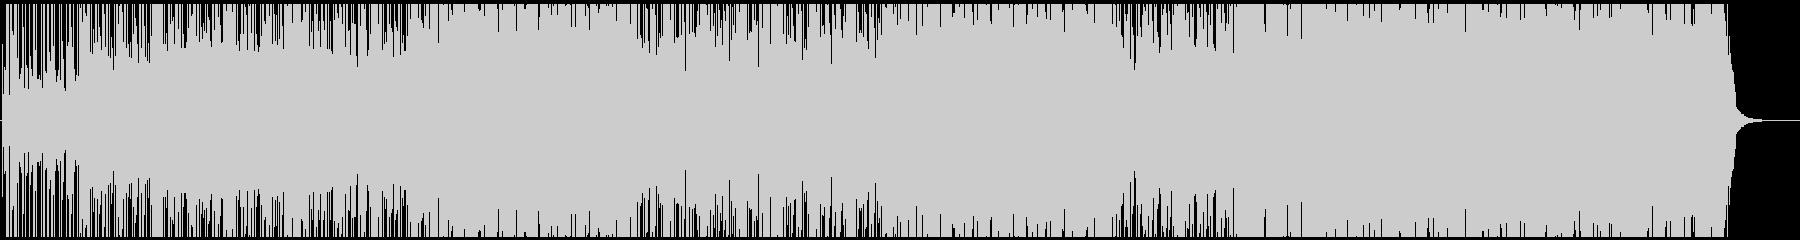 リゾートファンクBGM2の未再生の波形